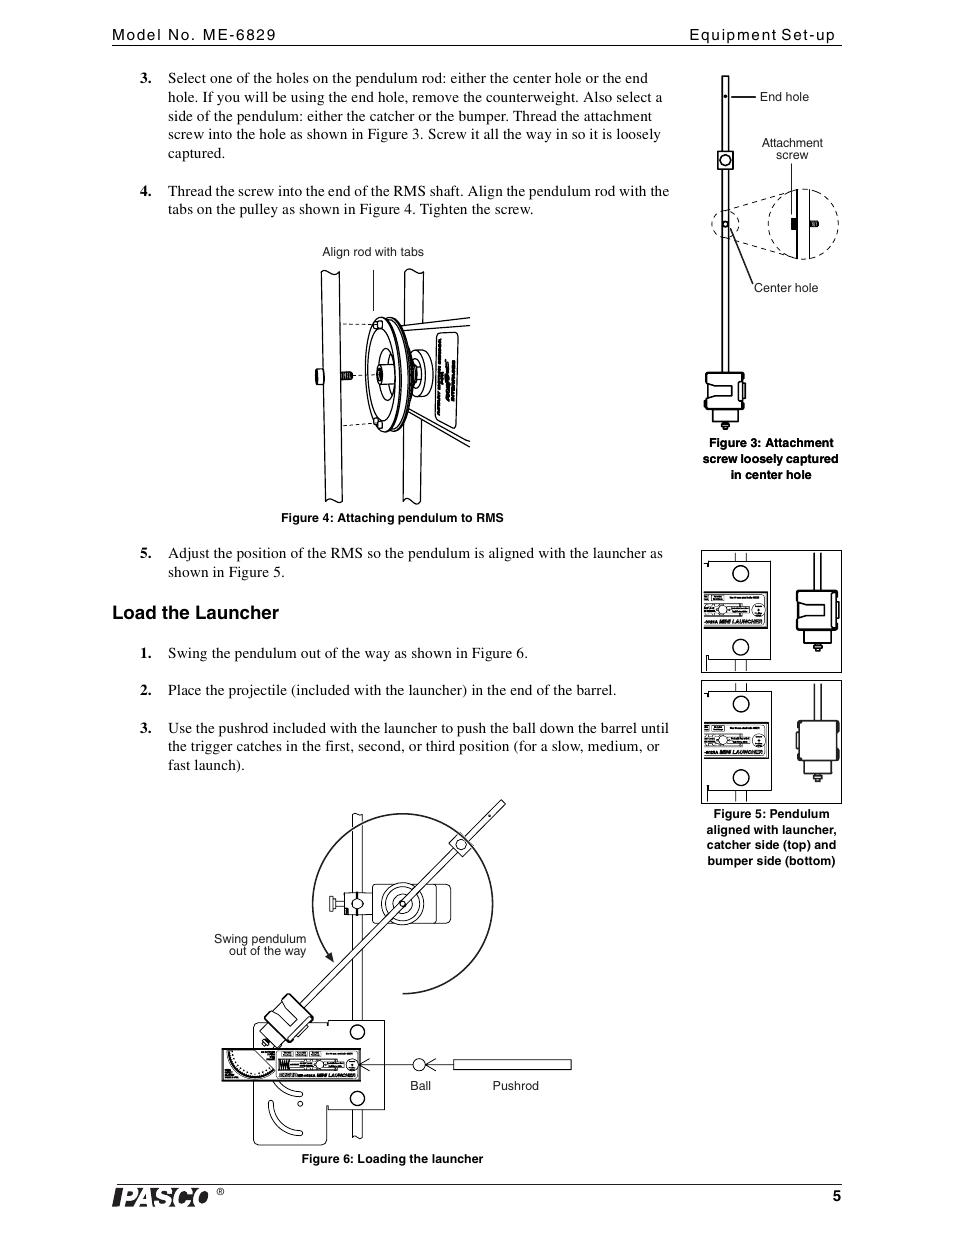 Load the launcher   PASCO ME-6829 Mini Launcher Ballistic